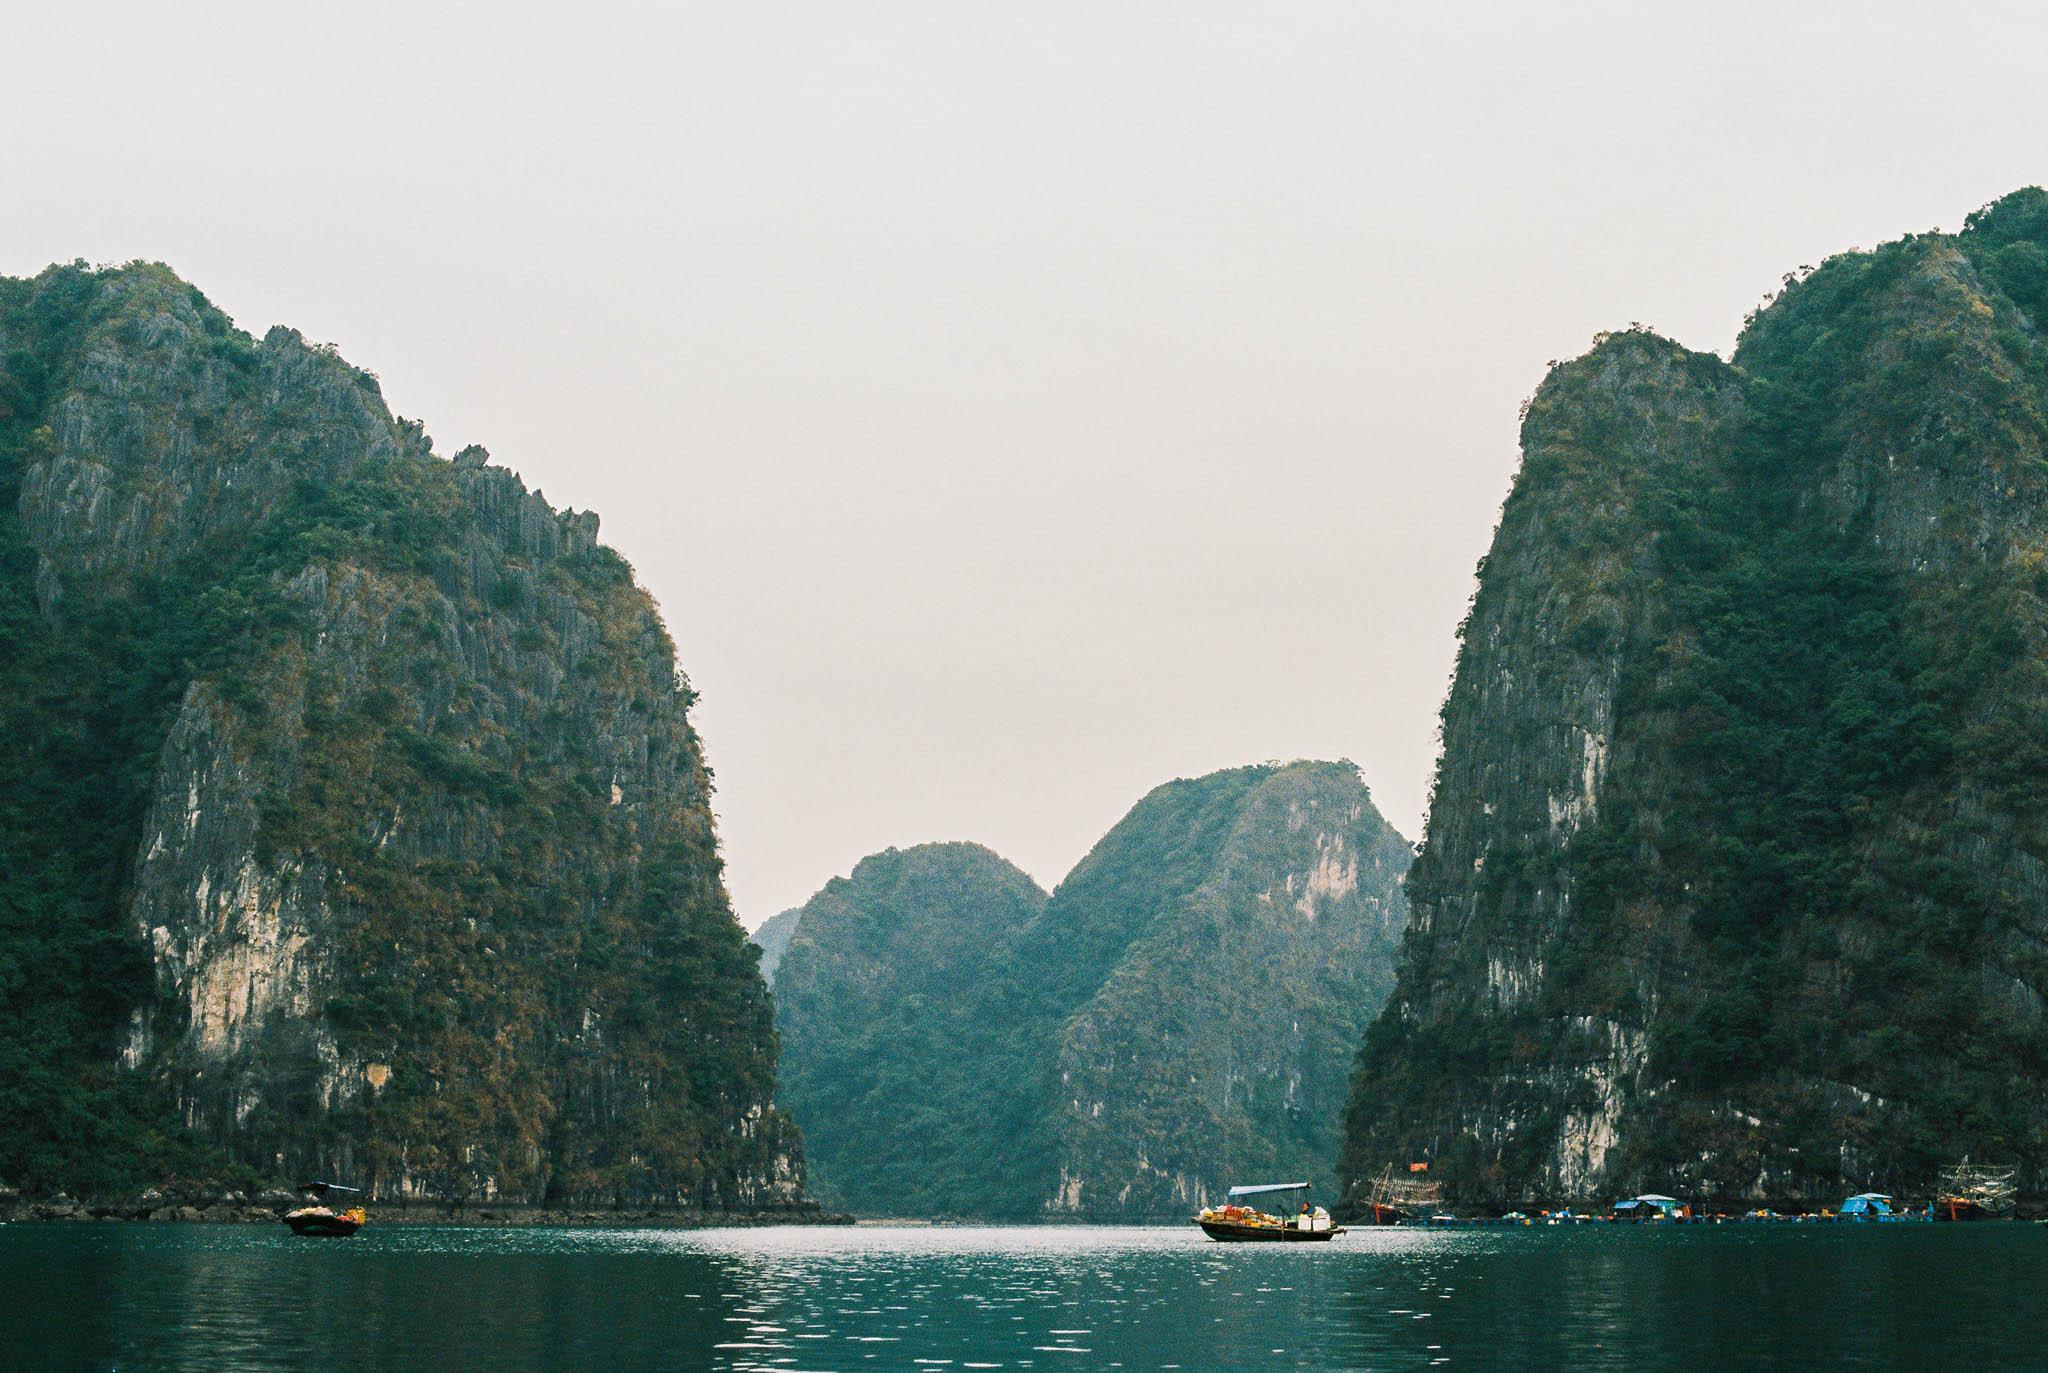 Vietnam 35mm FB - 02.jpg